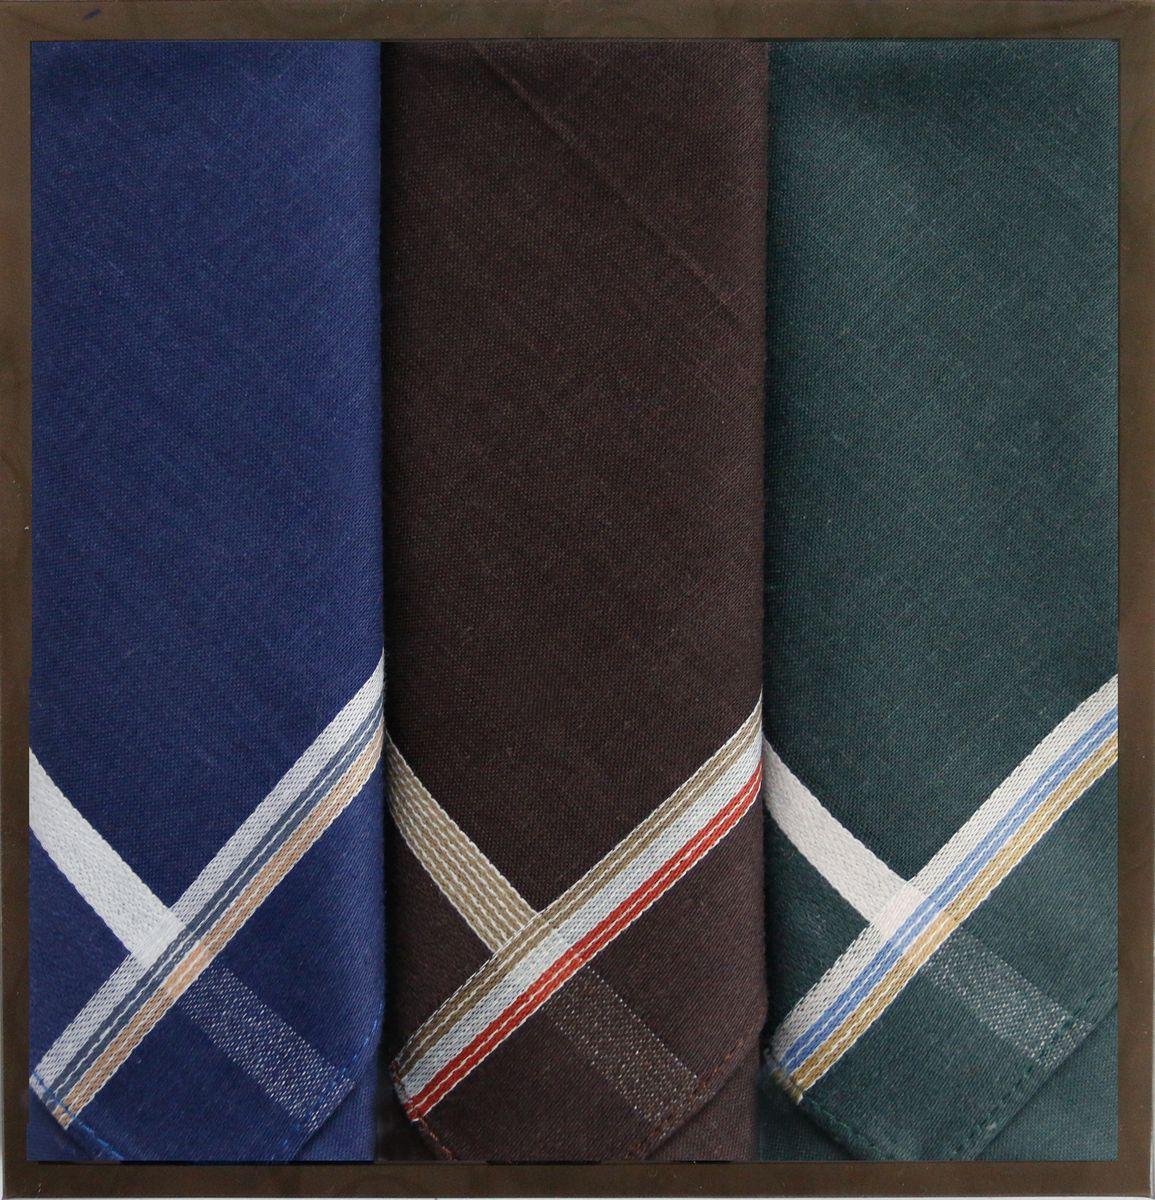 Платок носовой мужской Zlata Korunka, цвет: синий, коричневый, серый, 3 шт. 40315-4. Размер 43 см х 43 см39890|Колье (короткие одноярусные бусы)Мужской носовой платой Zlata Korunka изготовлен из натурального хлопка, приятен в использовании, хорошо стирается, материал не садится и отлично впитывает влагу. Оформлена модель контрастным принтом.